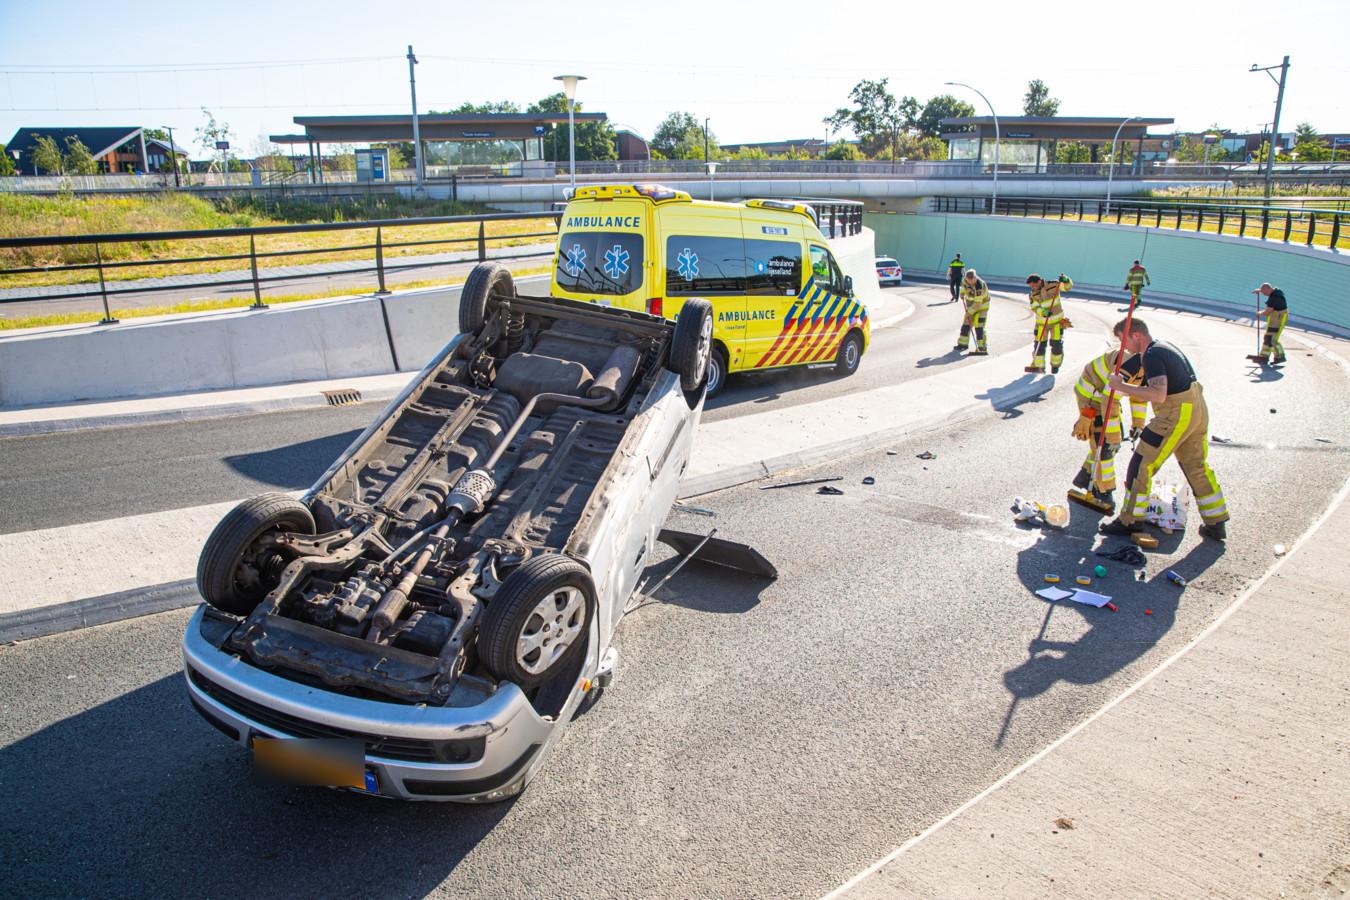 De Auto die vanmorgen over de kop sloeg in de tunnel bij de Zwolse wijk Stadshagen.